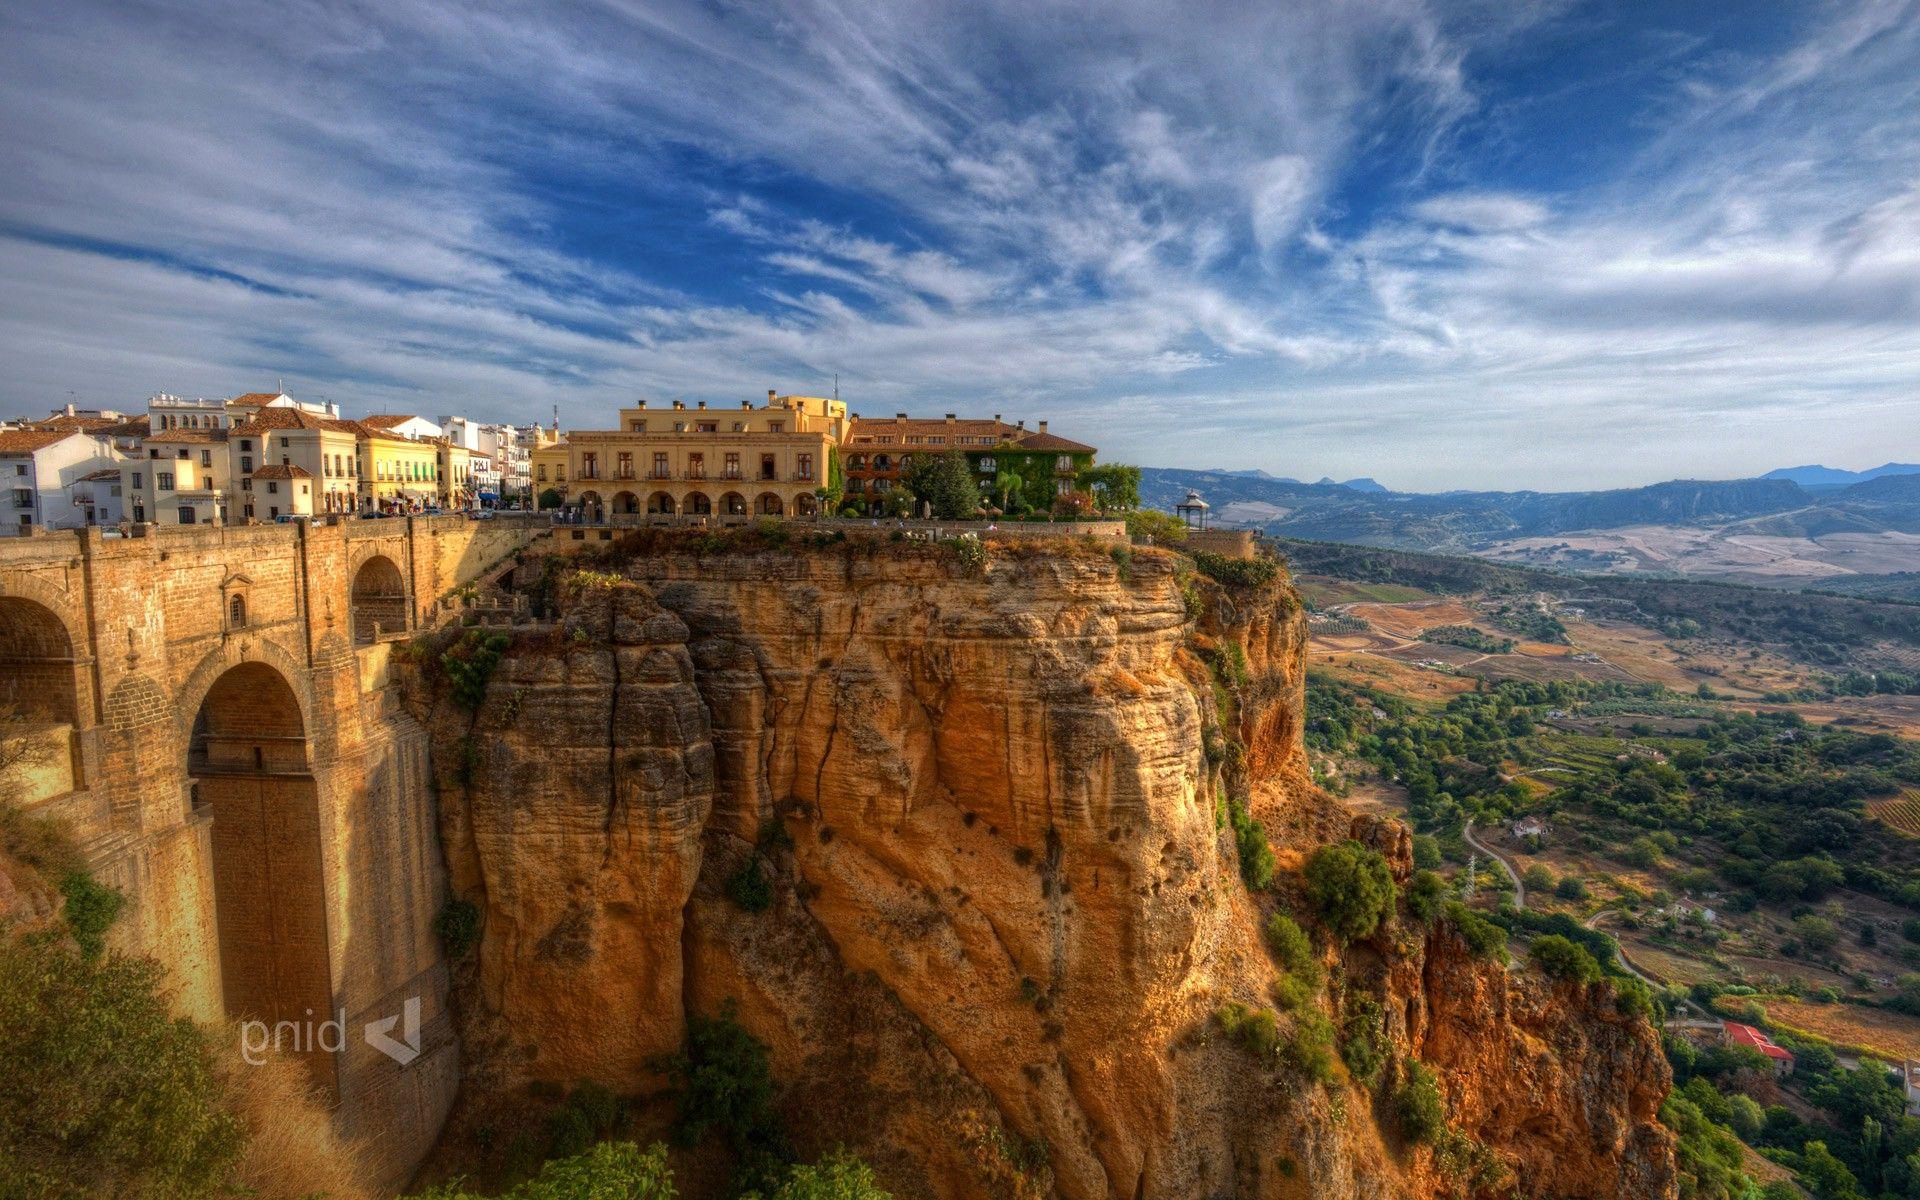 City Old Building Spain Cliff Landscape Wallpapers Hd Old Building Landscape Wallpaper Landscape